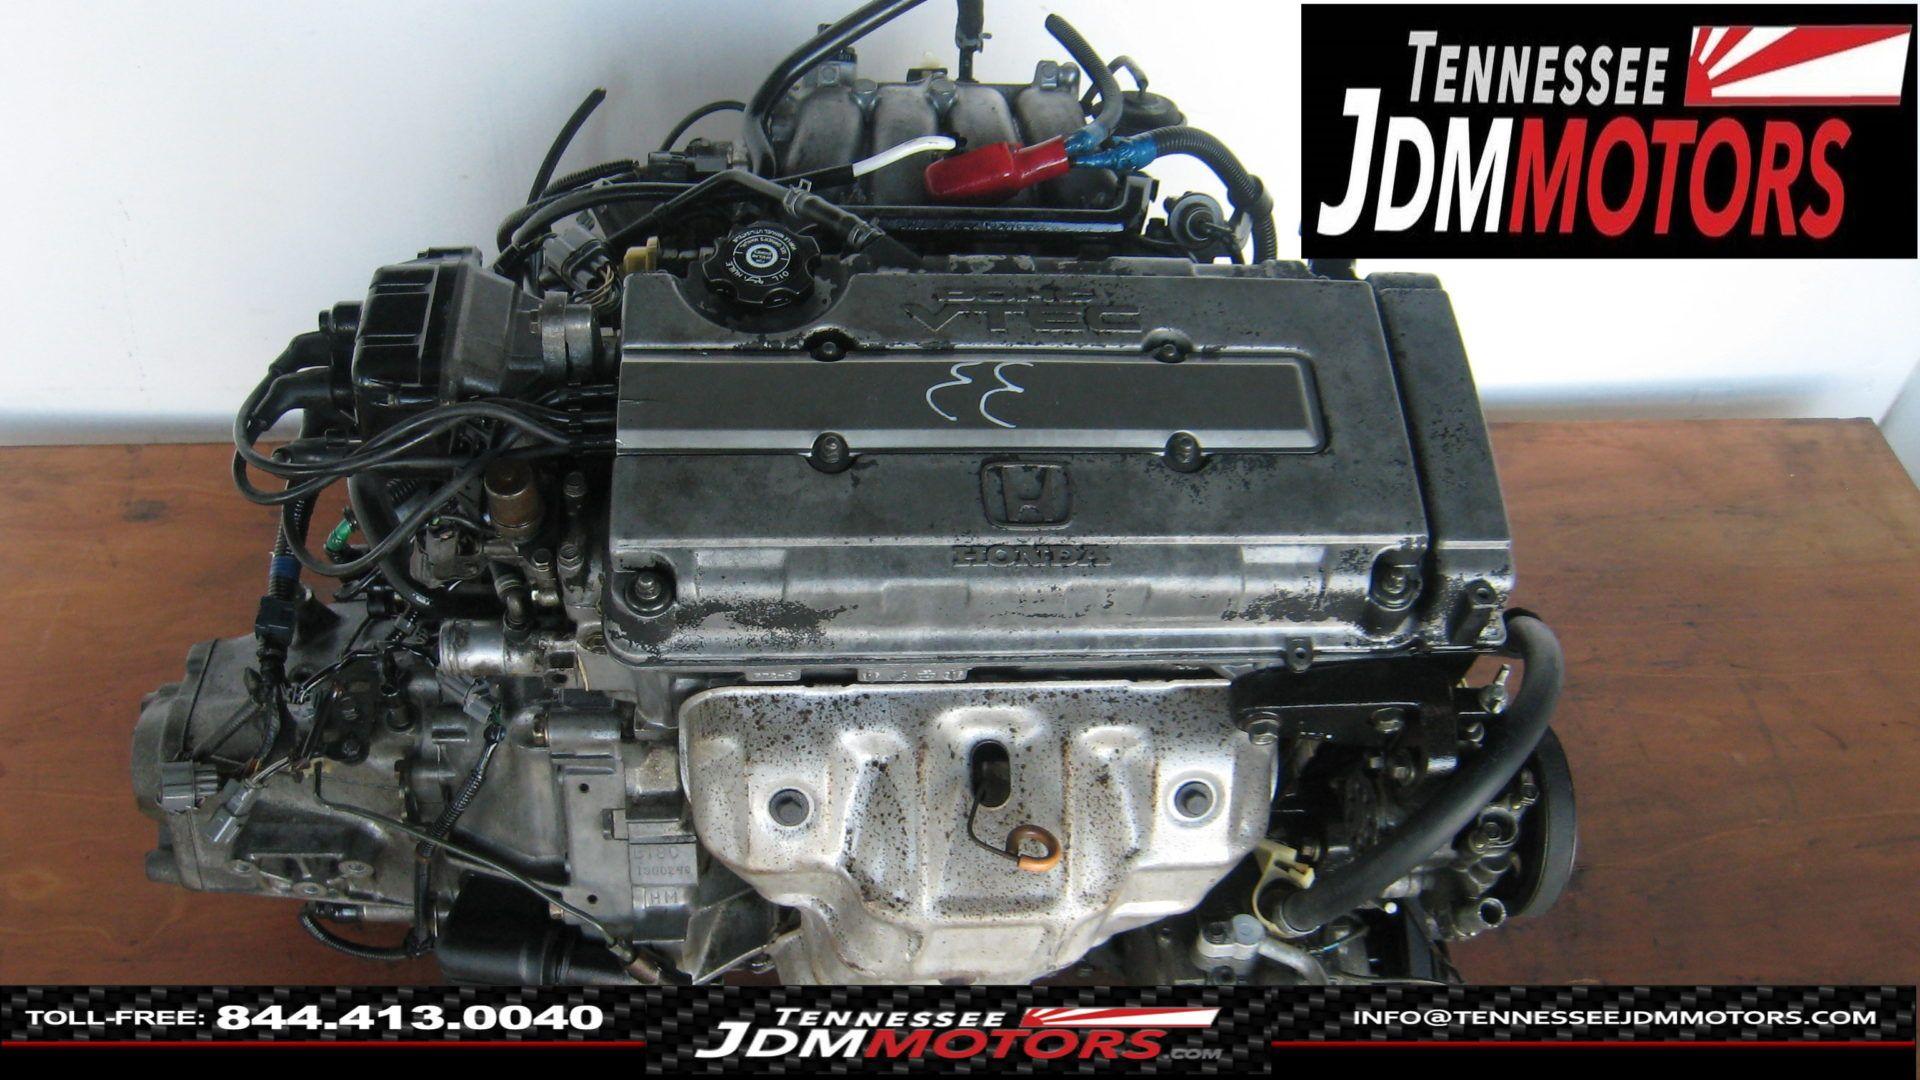 Acura Integra Gsr Bc L DOHC VTEC Integra Honda - Acura integra gsr engine